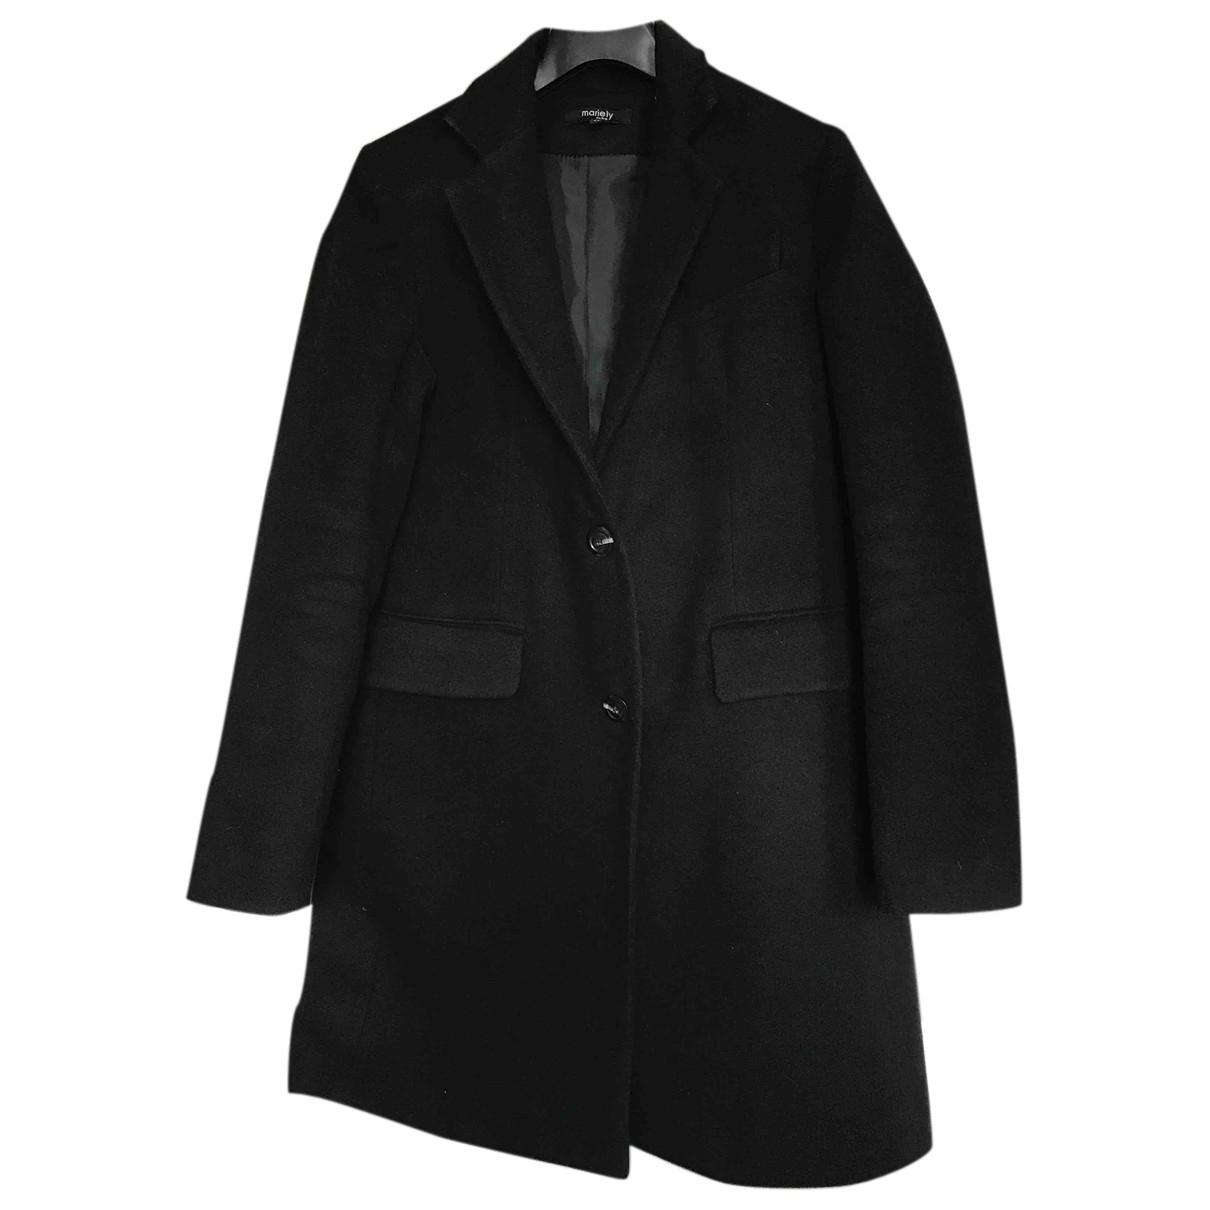 Autre Marque - Manteau   pour femme en laine - noir